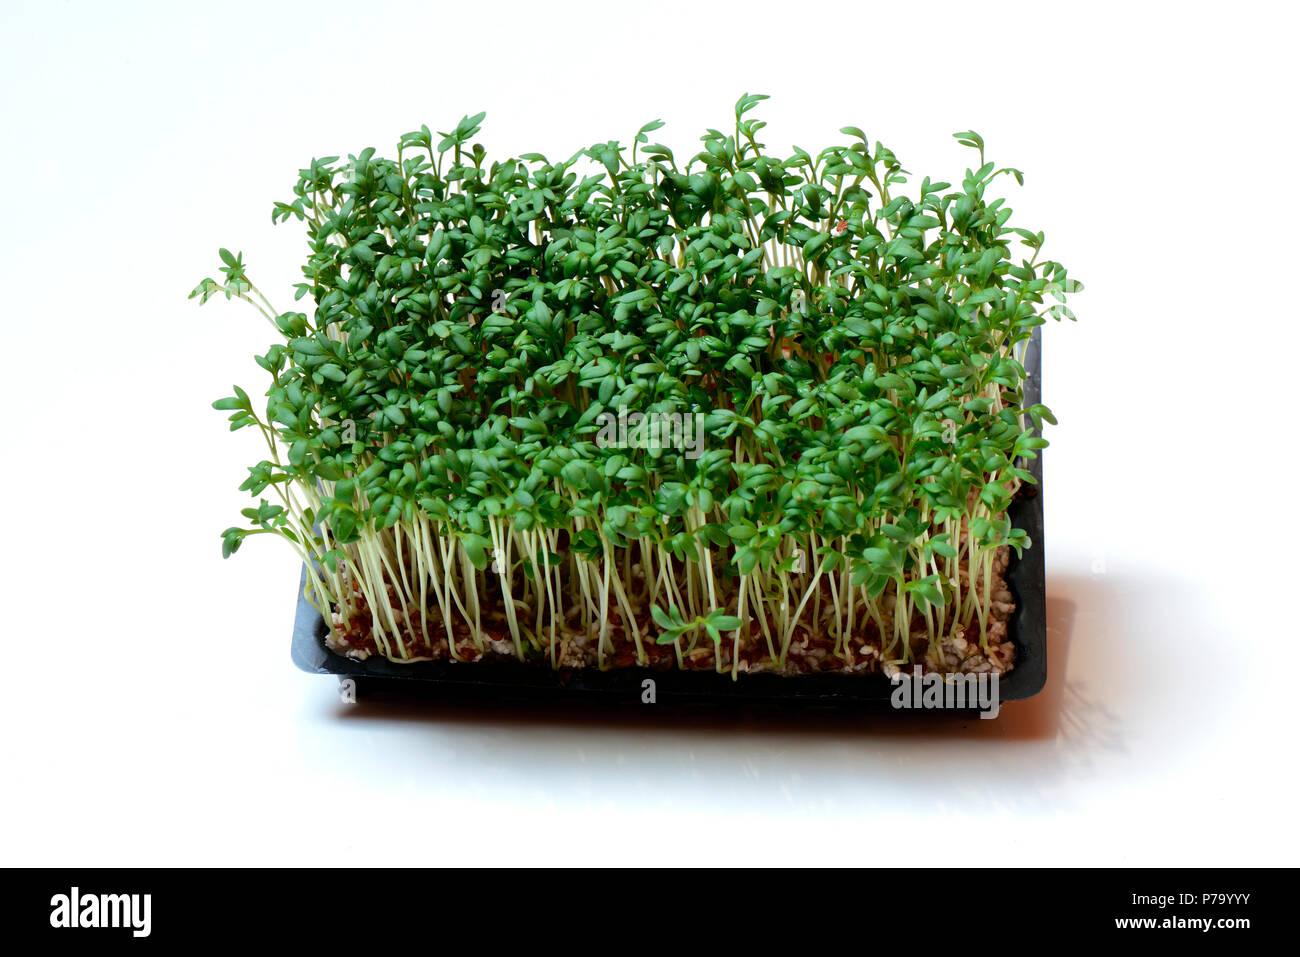 Etwas Neues genug Gartenkresse, Lepidium sativum, Kressesprossen Kresse-Sprossen @VO_64